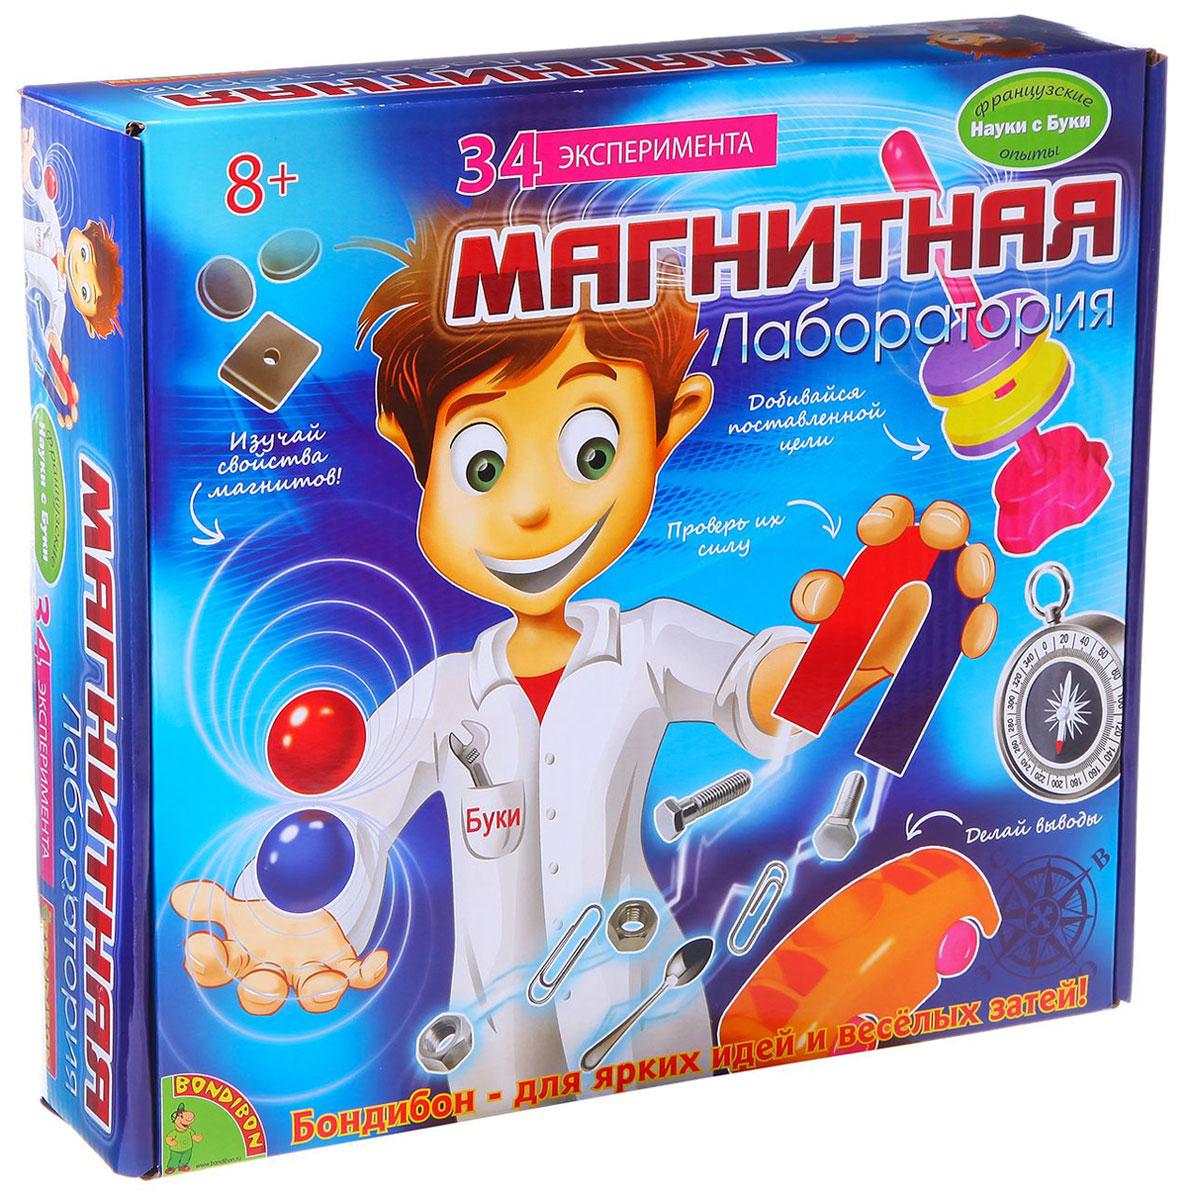 Bondibon Набор для опытов Магнитная лабораторияВВ1111Оказывается, магниты притягивают не только многие металлические предметы, но и внимание юных исследователей! Это подтверждает научно-познавательный набор Магнитная лаборатория, в котором собраны десятки увлекательных экспериментов с использованием магнитов. Проводя эти занимательные опыты, ребенок получает знания о свойствах и силе магнитов, о том, что такое магнитные полюса и почему одни материалы притягиваются к ним, а другие - нет. Кроме того, Магнитная лаборатория познакомит ребенка с историей магнитов, сфере их применения и даже научит изготавливать их самостоятельно. Все эти знания и умения обязательно пригодятся ребенку не только в изучении физики, но и в повседневной жизни. А если проводить опыты с друзьями, то можно превратить эти занимательные эксперименты в веселую игру.